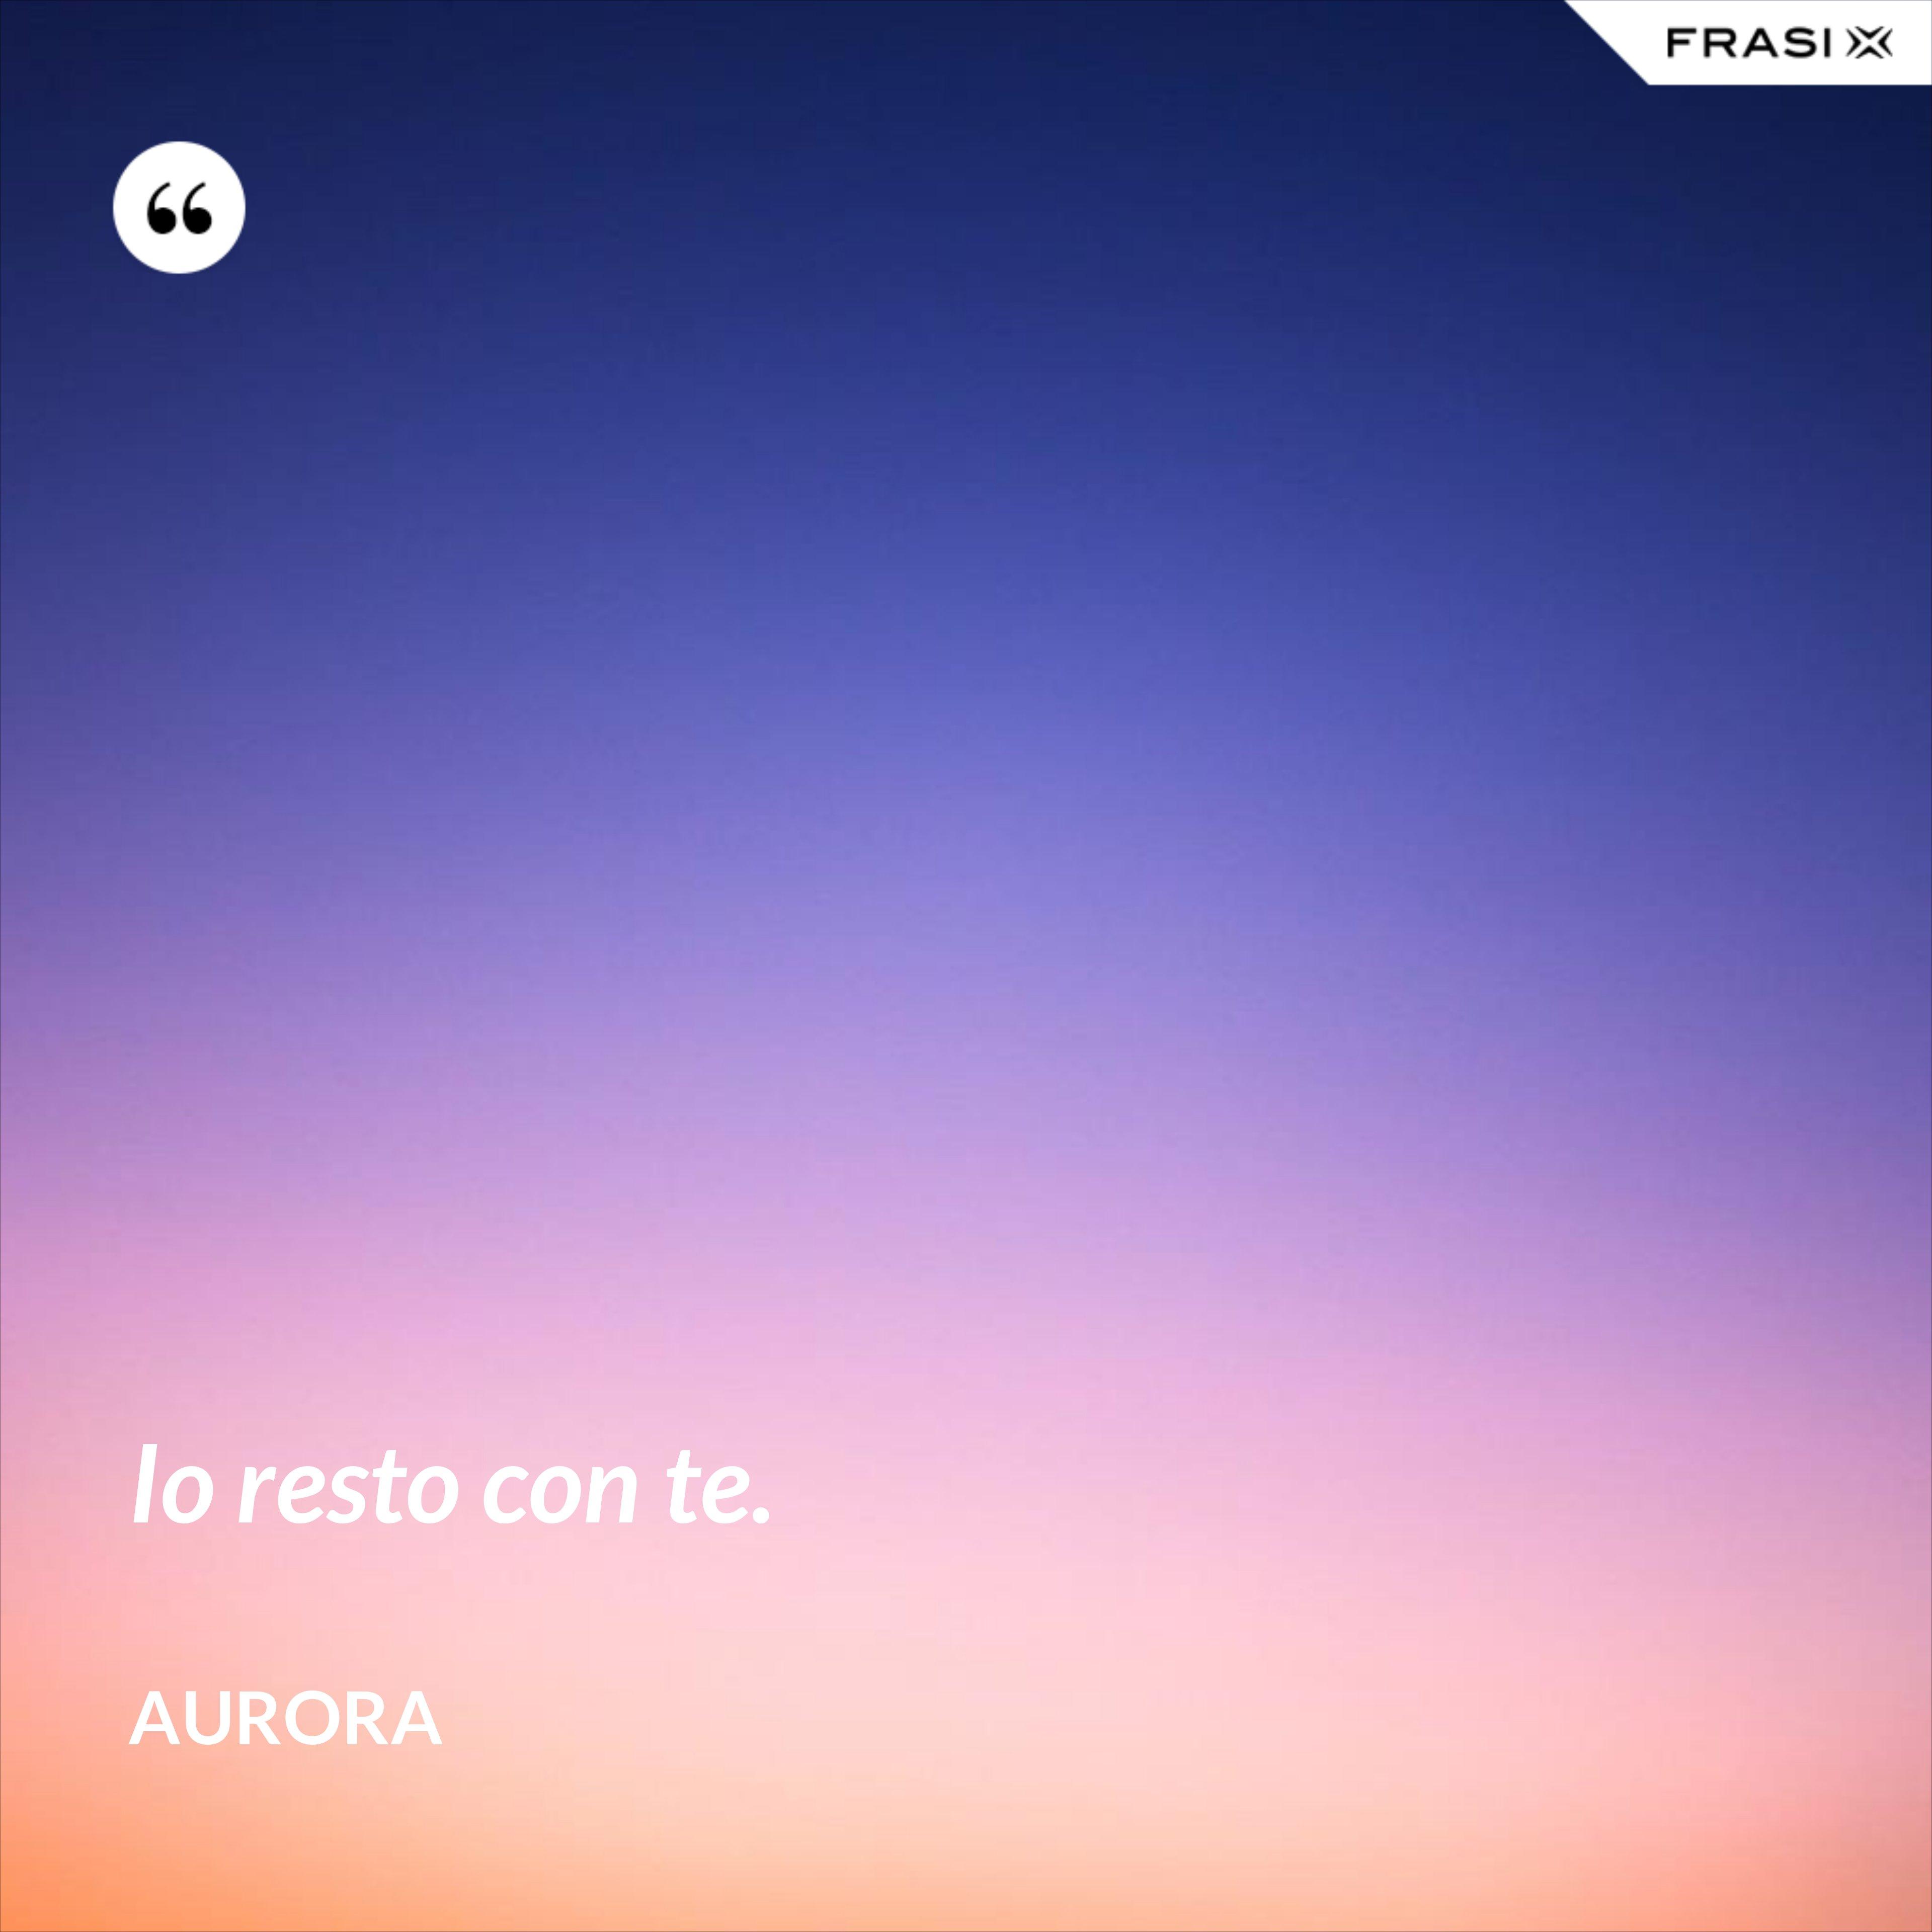 Io resto con te. - Aurora